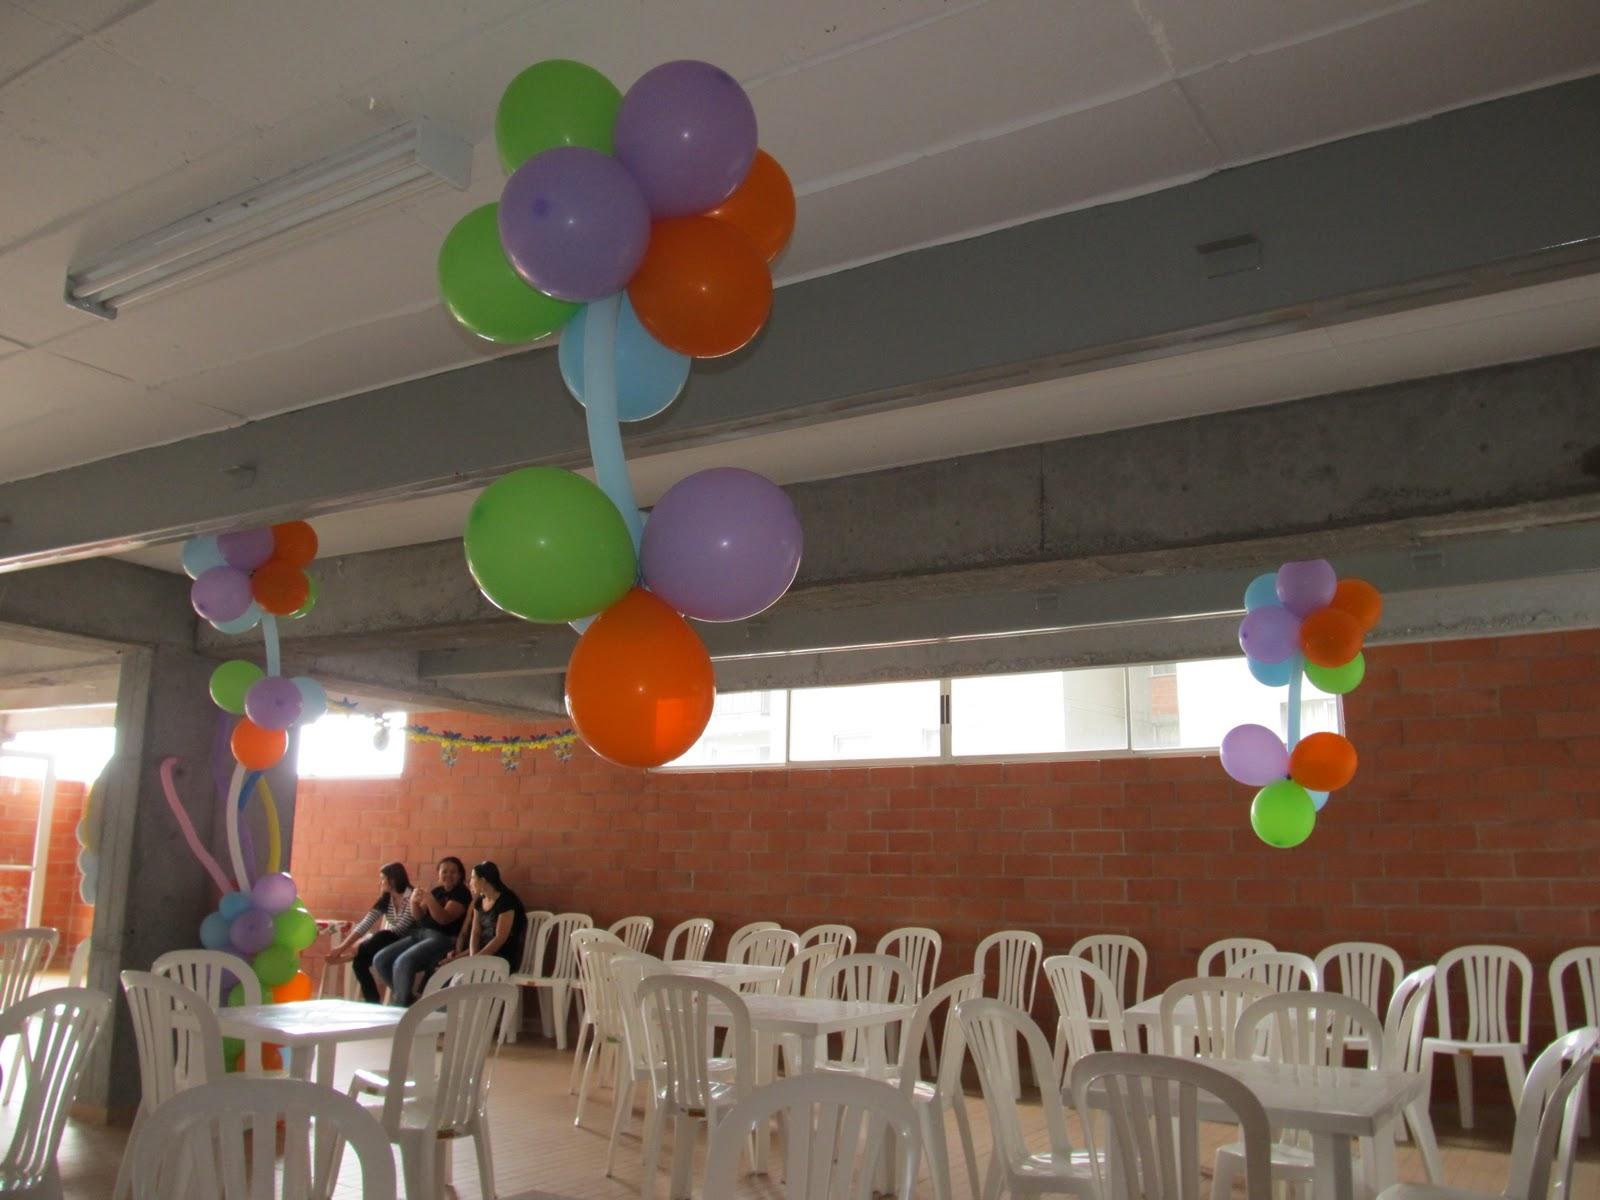 Decoracion con globos arcos bases y lamparas car - Decoracion con lamparas ...